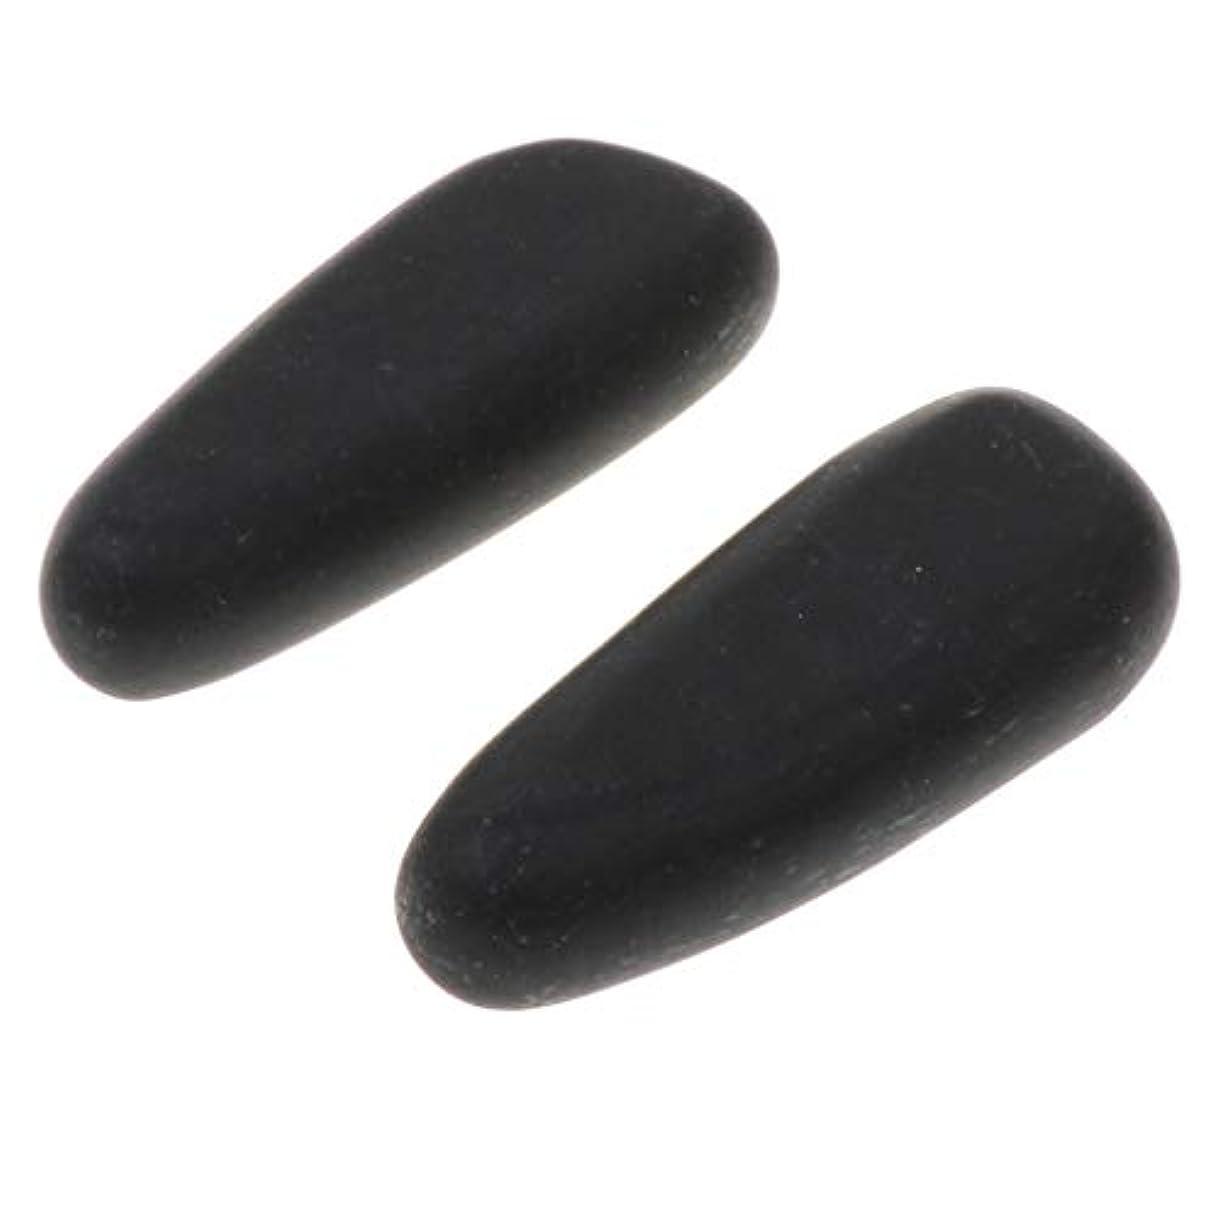 ペルセウス量で関数マッサージストーン ボディマッサージ 天然石ホットストーン 玄武岩 SPA ツボ押しグッズ 2個 全2サイズ - 8×3.2×2cm